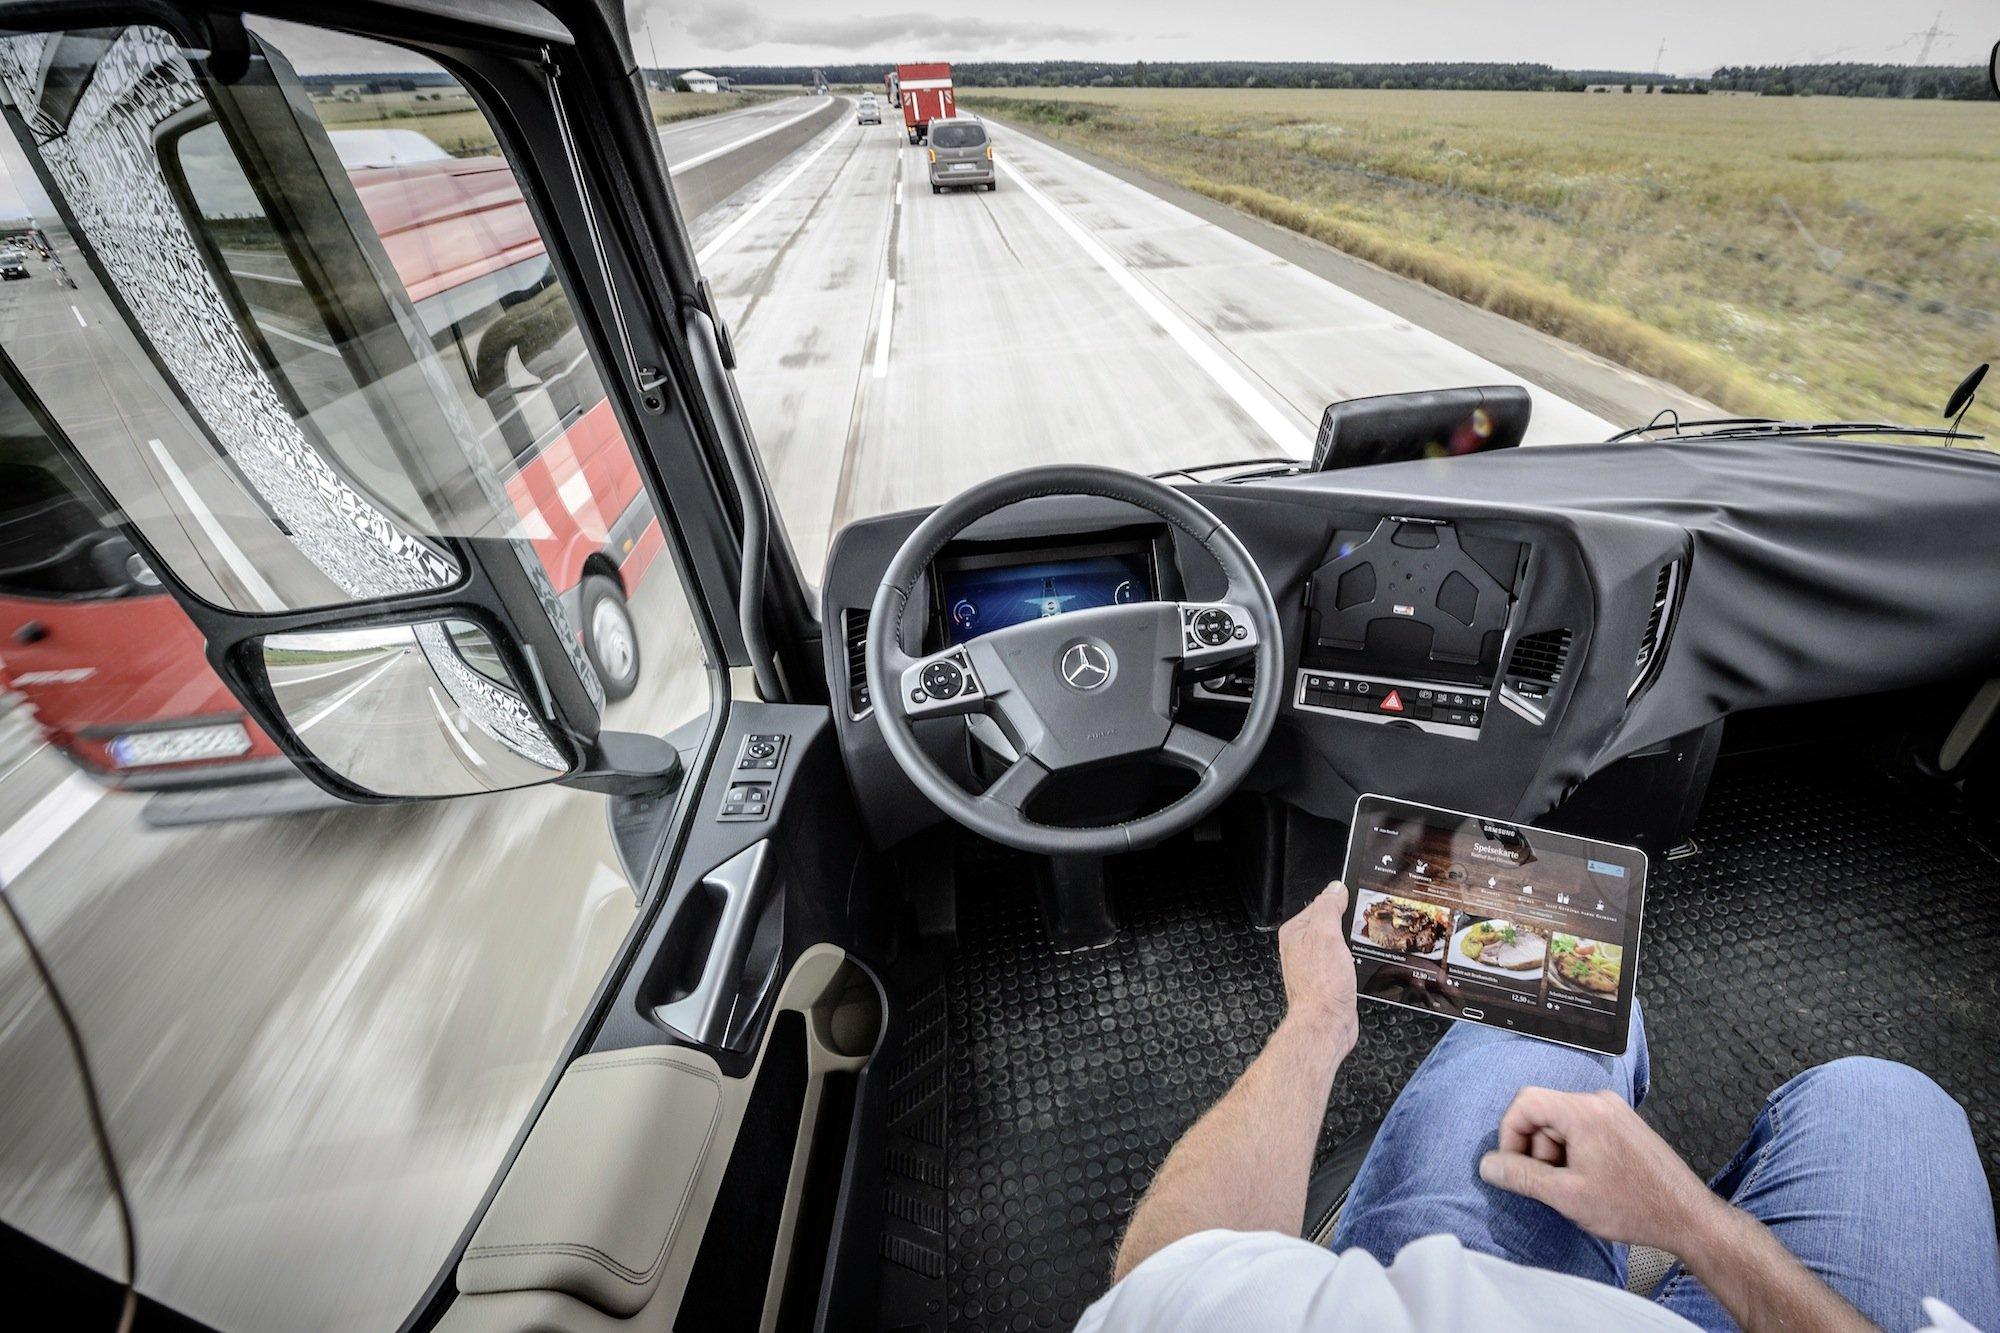 """Ist der """"Highway Pilot"""" aktiv, kann der Fahrer sich entspannt zurücklehnen. Falls ein Überholmanöver ansteht oder eine Baustellensituation auftaucht, muss er allerdings zum Lenkrad greifen und das Fahrzeug wieder eigenhändig steuern."""